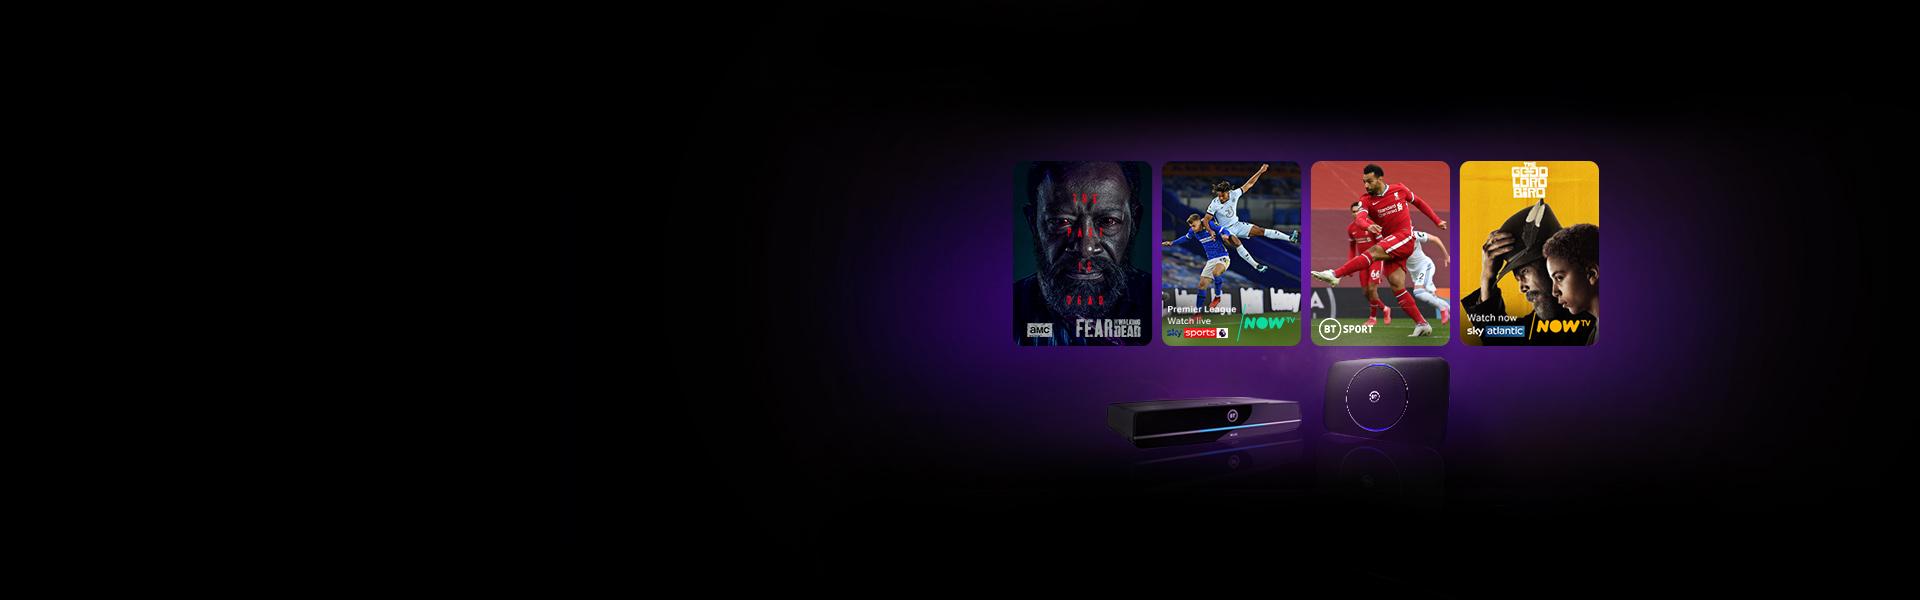 Fibre Broadband Tv Packages Bt Sport Mobile Deals Bt